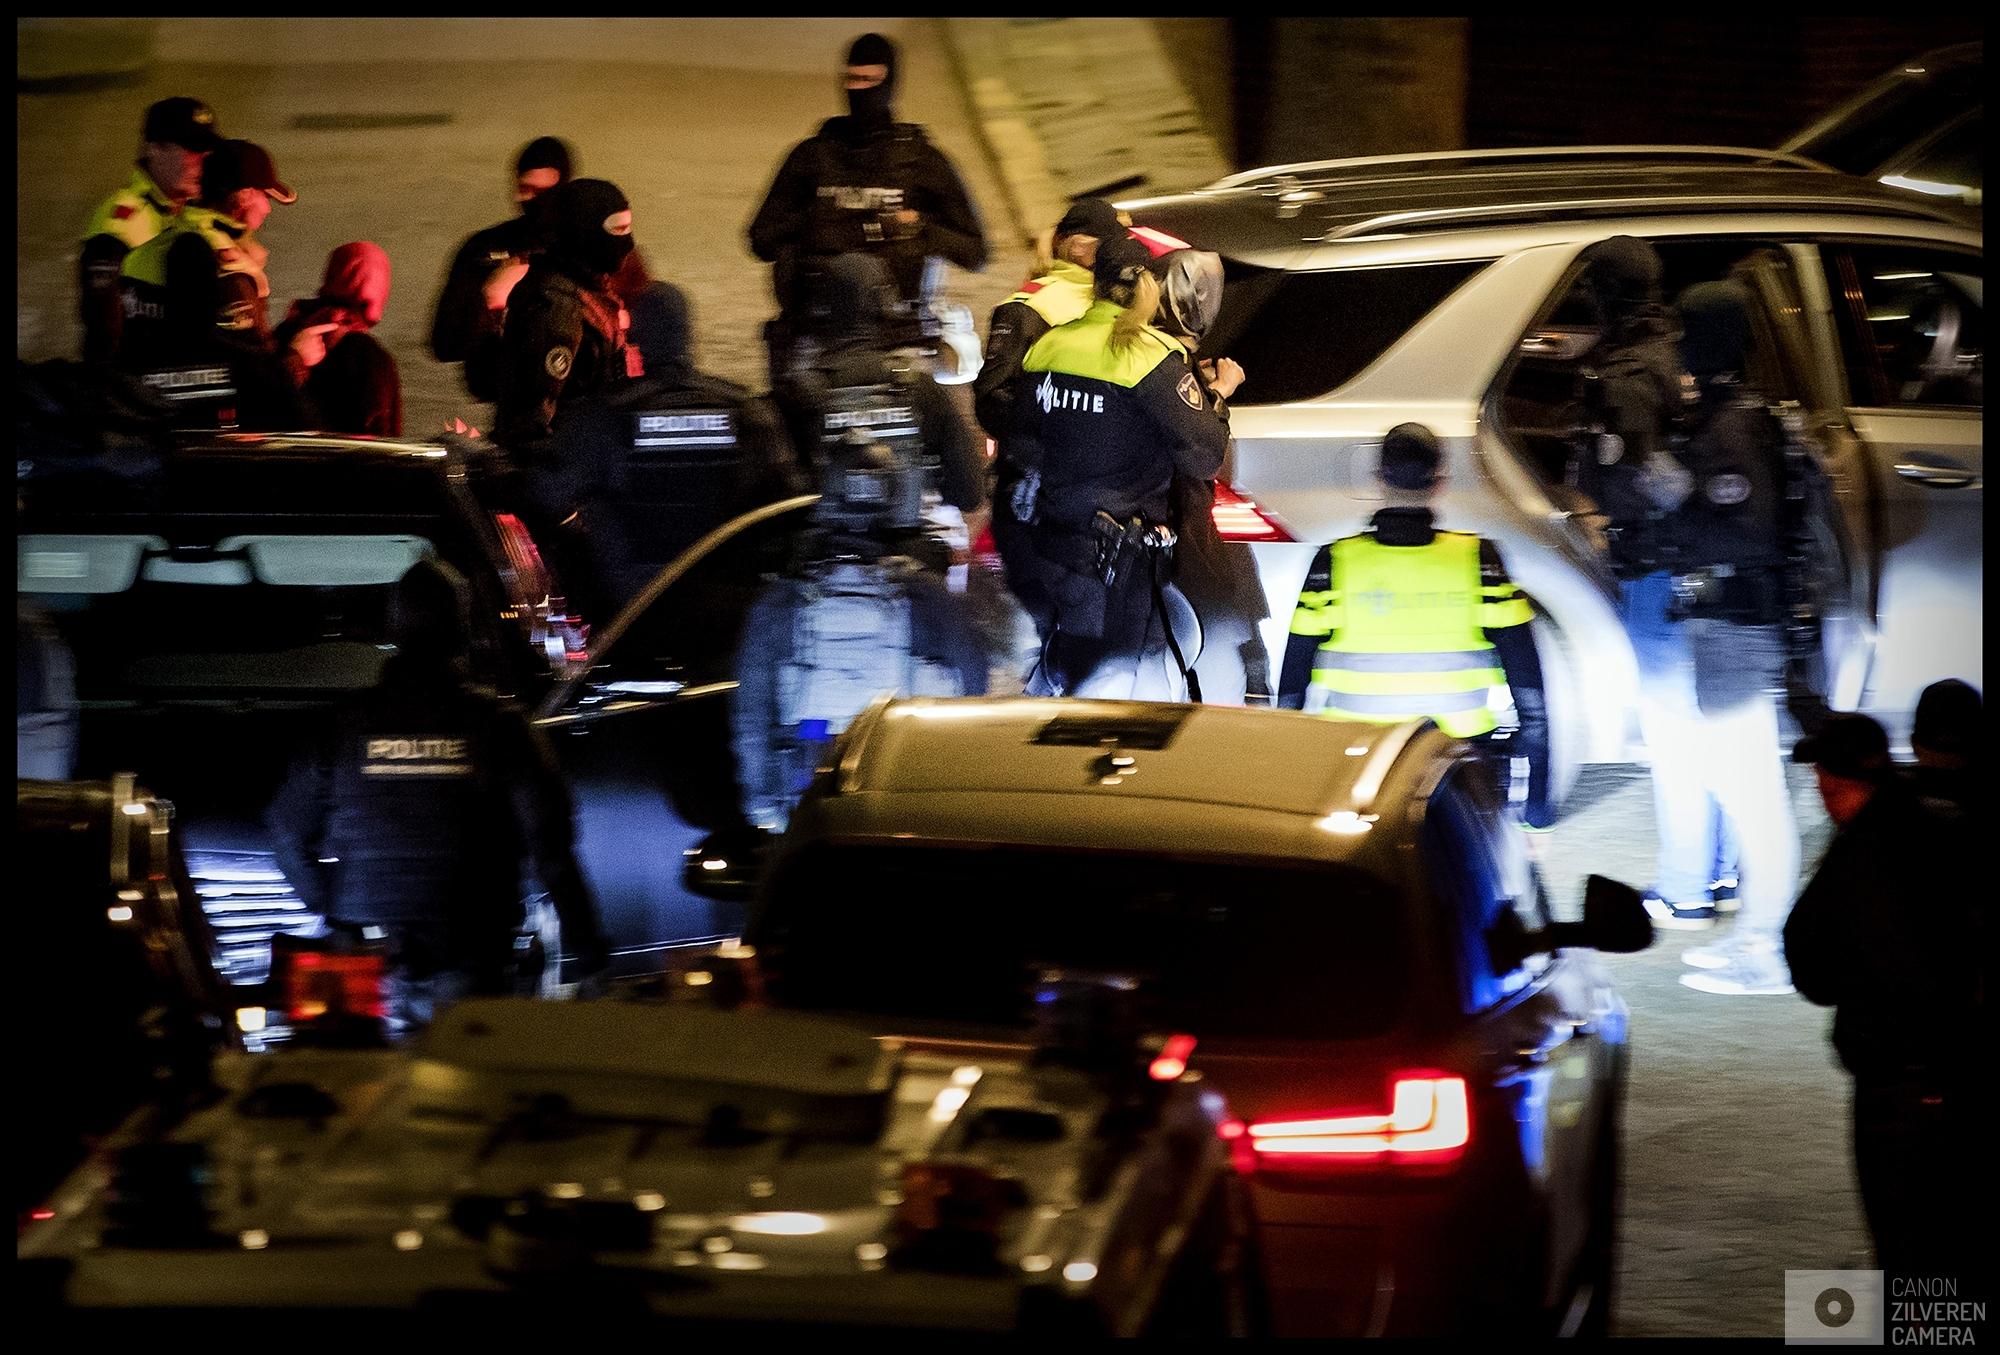 ROTTERDAM - Aan het eind van de avond voert de politie de Turkse minister Fatma Betul Sayan Kaya van Familiezaken met zachte dwang af nadat gedreigd is de minister in haar auto met een kraanwagen weg te slepen.